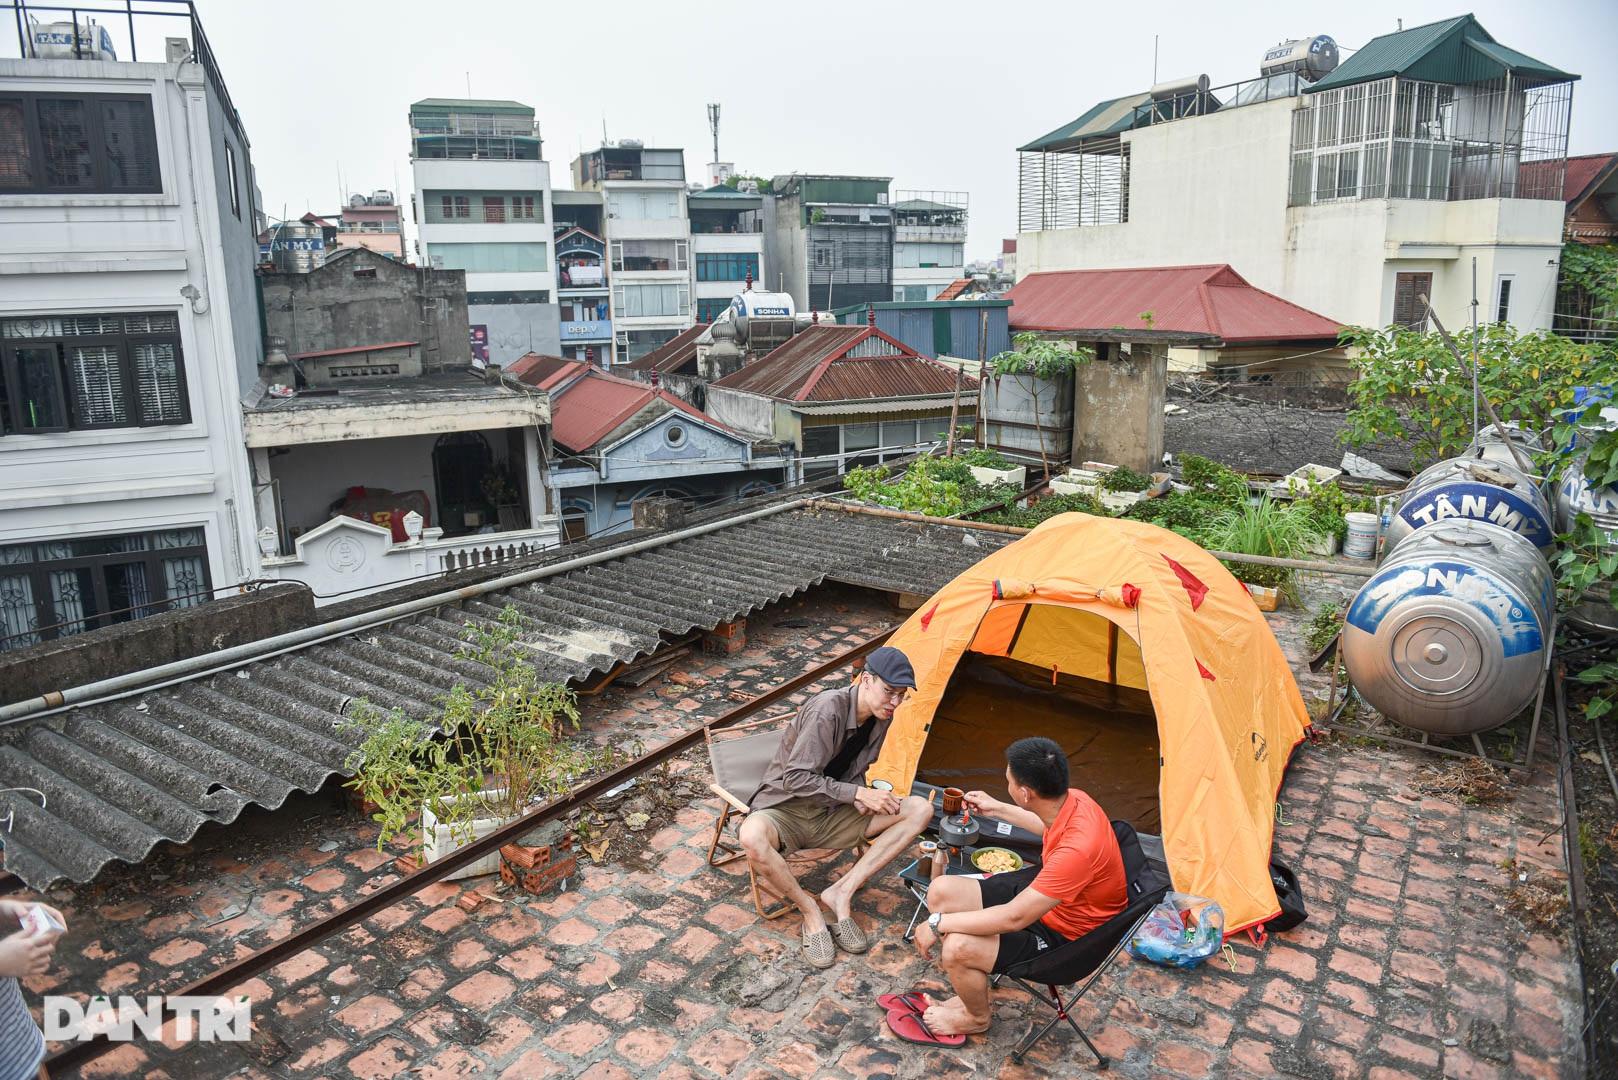 Thèm du lịch, giới trẻ đầu tư cắm trại tại gia: Chỉ ngắm nóc nhà vẫn vui - 1